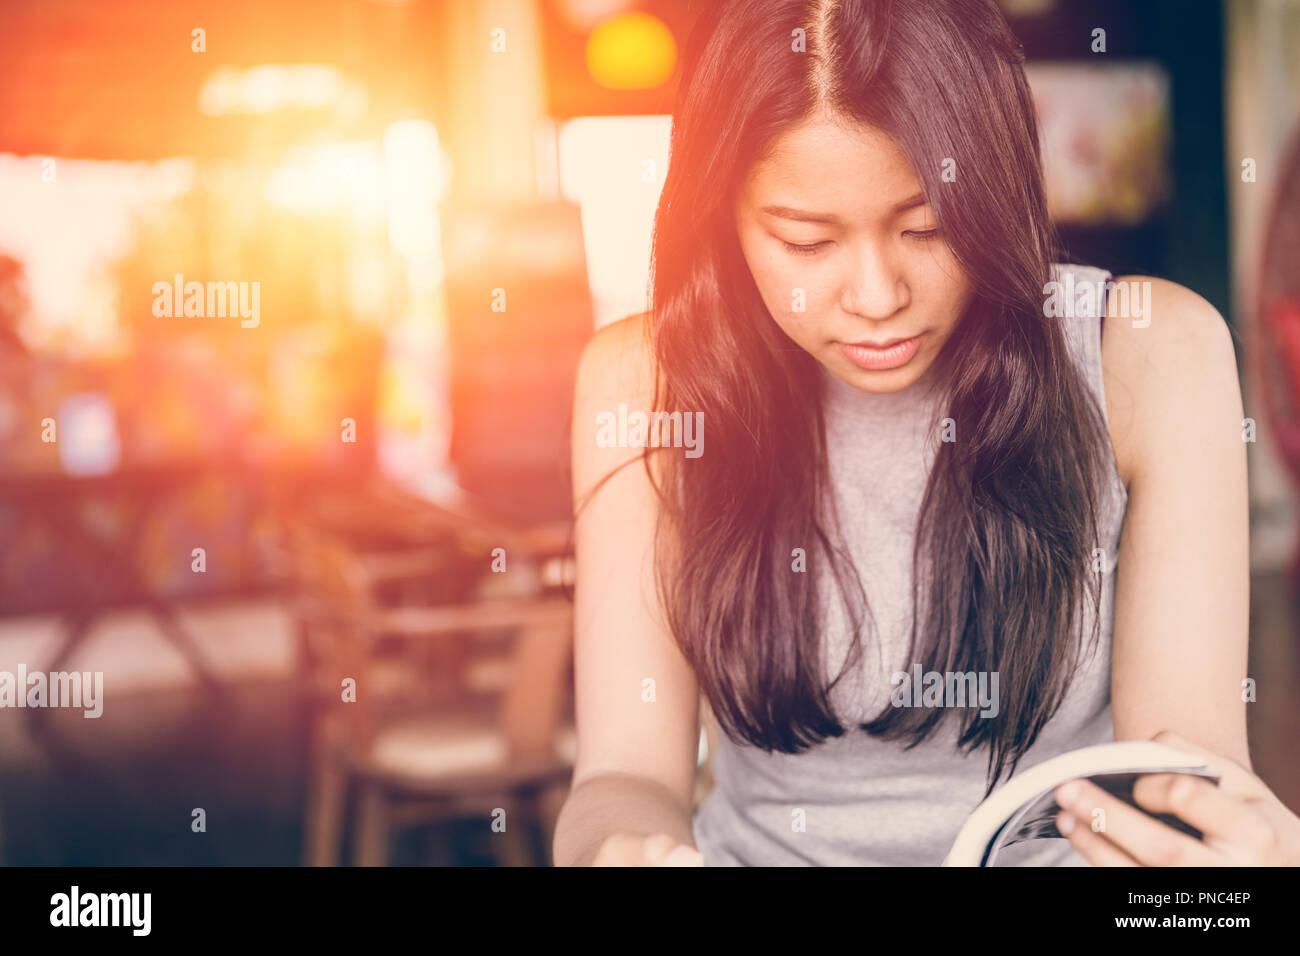 Profitez de moments de détente avec lecture du livre, la femme asiatique teen thaï à l'accent grave lire livre de poche dans un café le matin, le ton des couleurs vintage Photo Stock